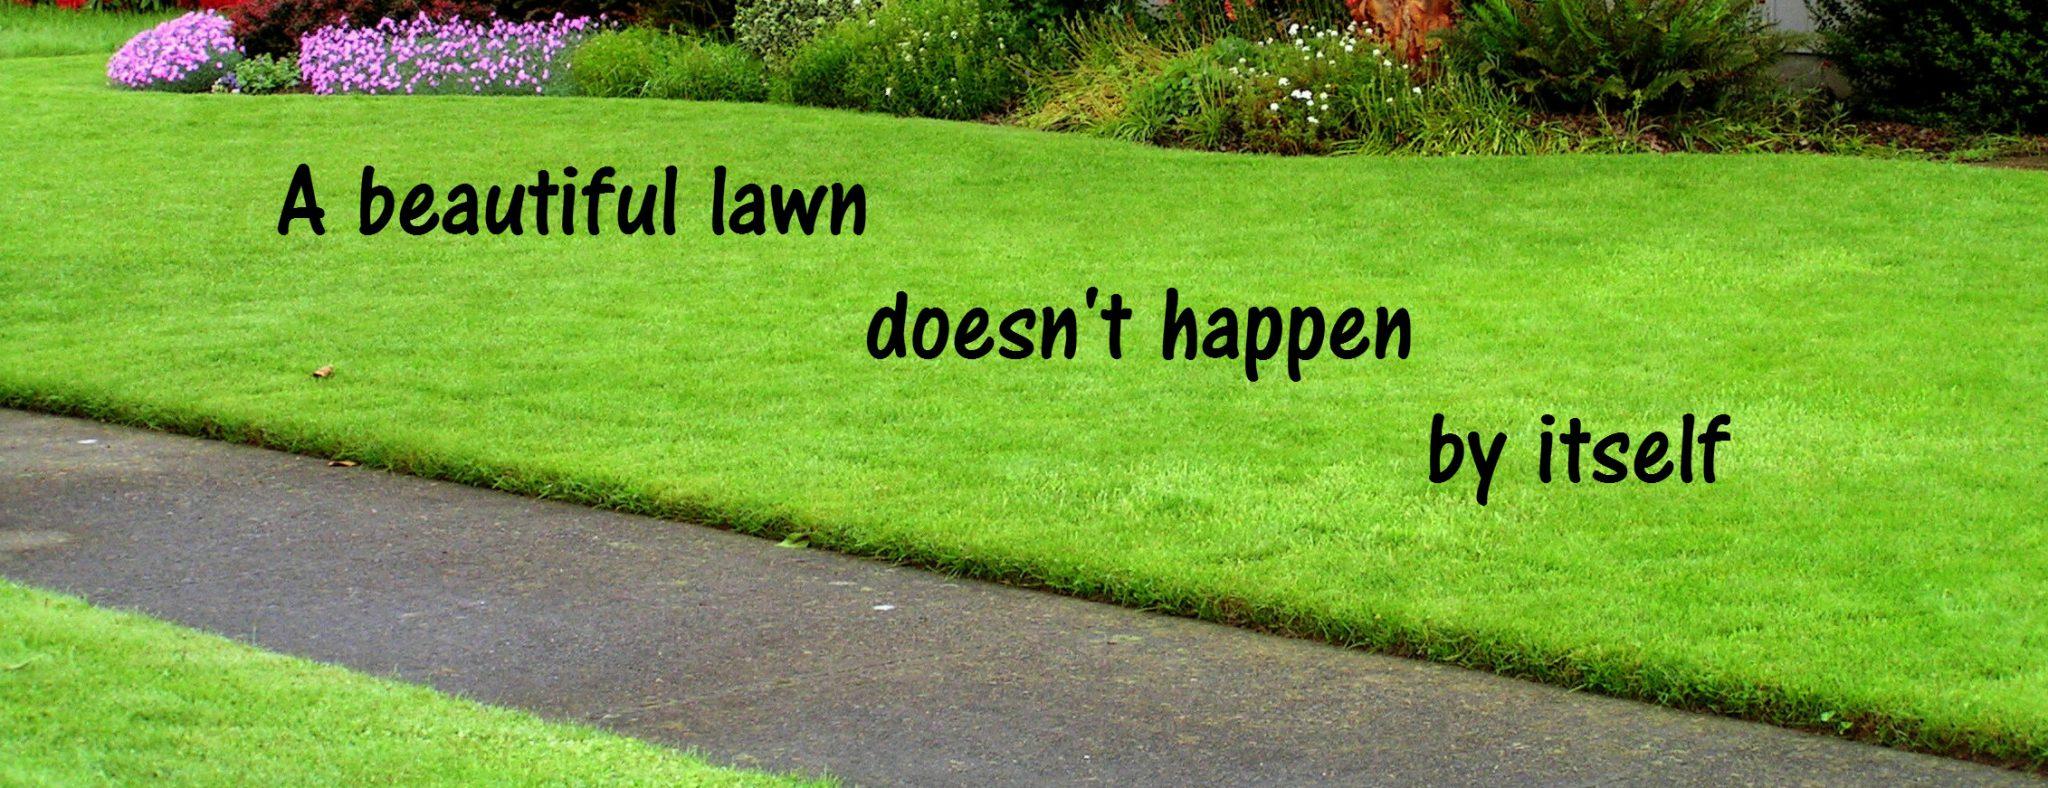 A-beautiful-lawn-doesnt-happen-by-itself-3-e1455501091388.jpg (2263×871)